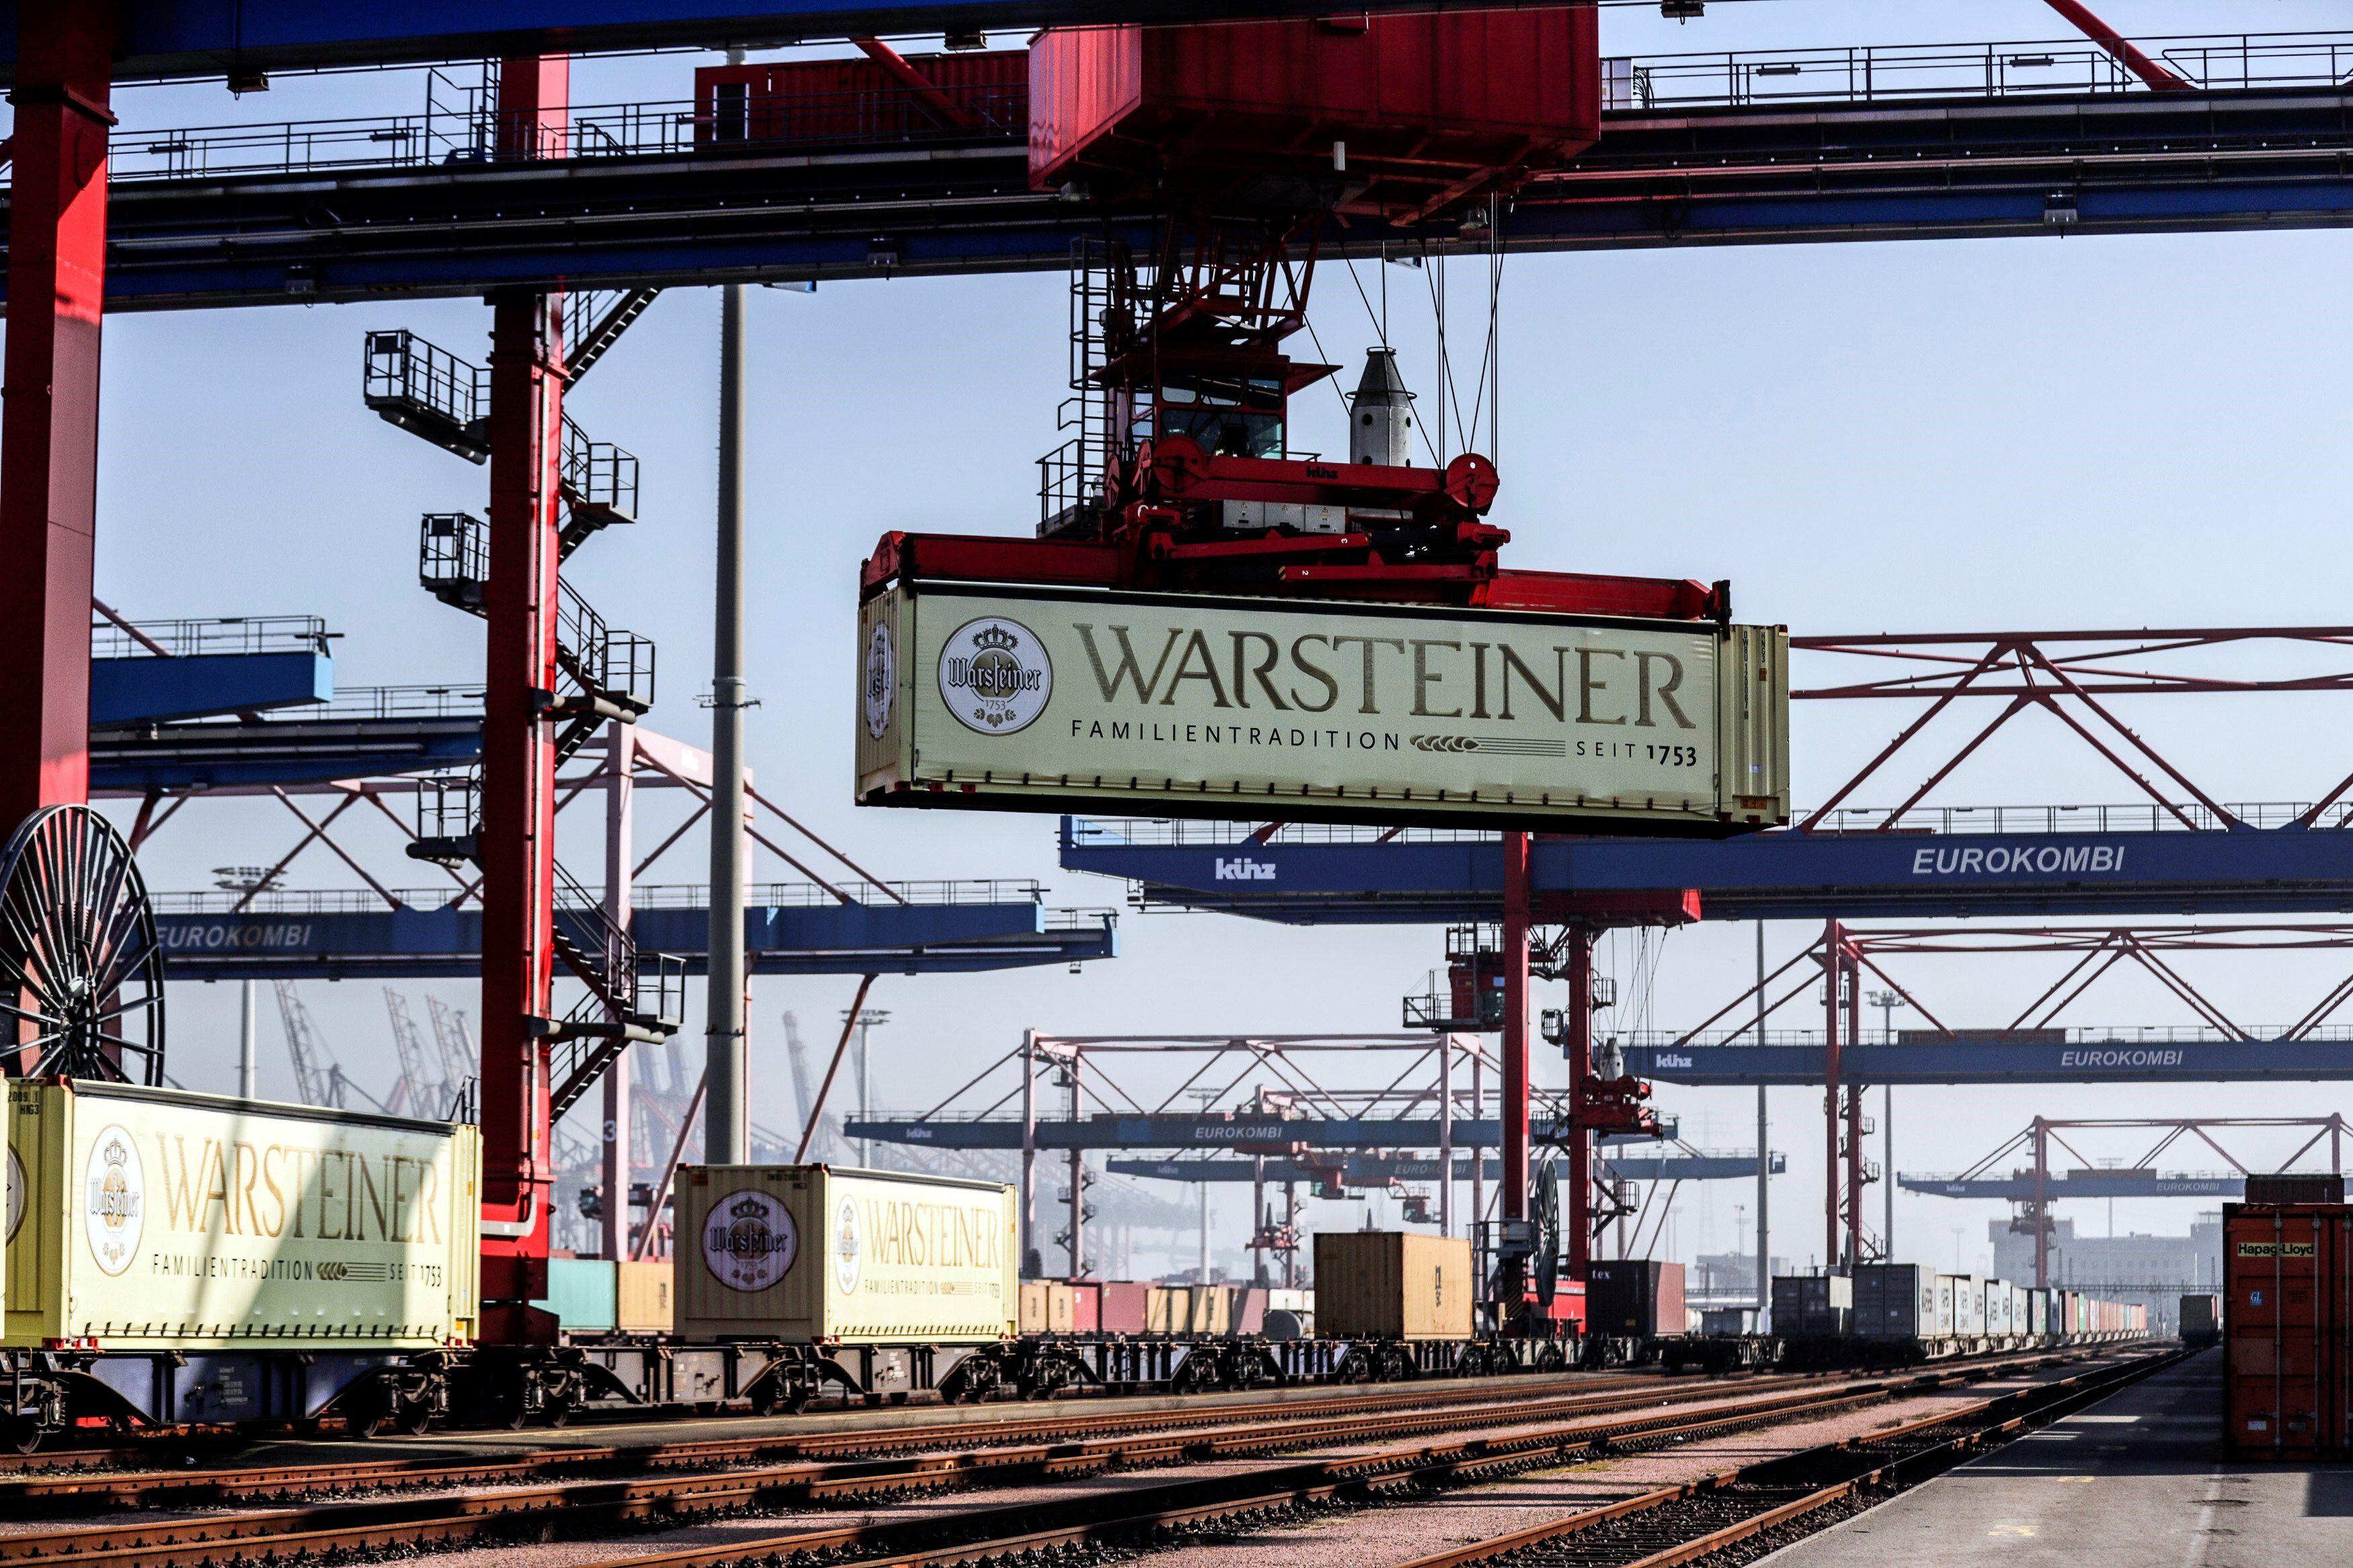 En la imagen, una grúa transporta un contenedor en el puerto de Hamburgo, Alemania. EFE/CARSTEN KOALL/Archivo